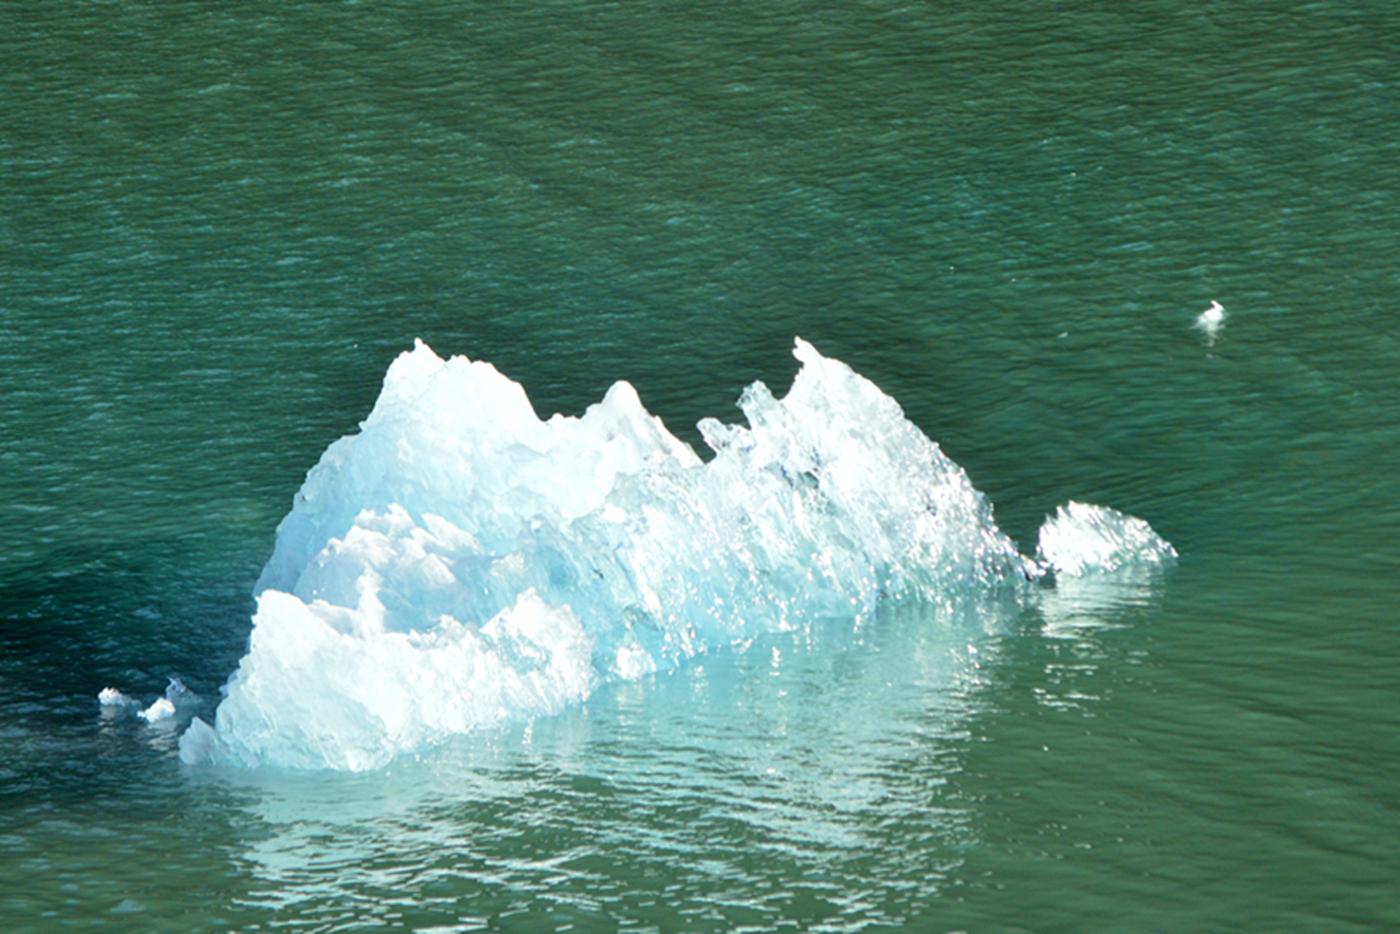 阿拉斯加,那山、那水、那人……_图1-30